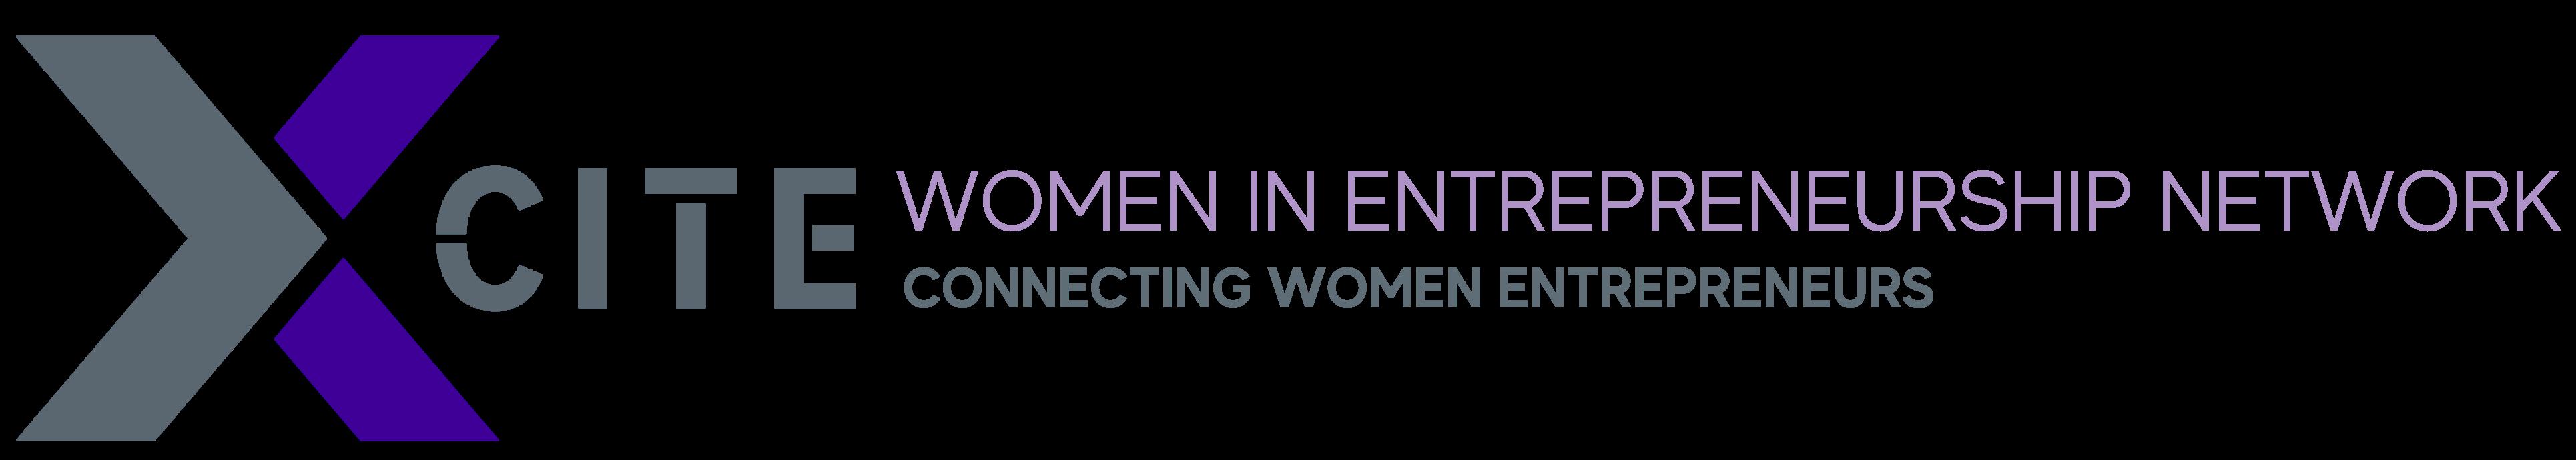 xCITE: Women In Entrepreneurship Network